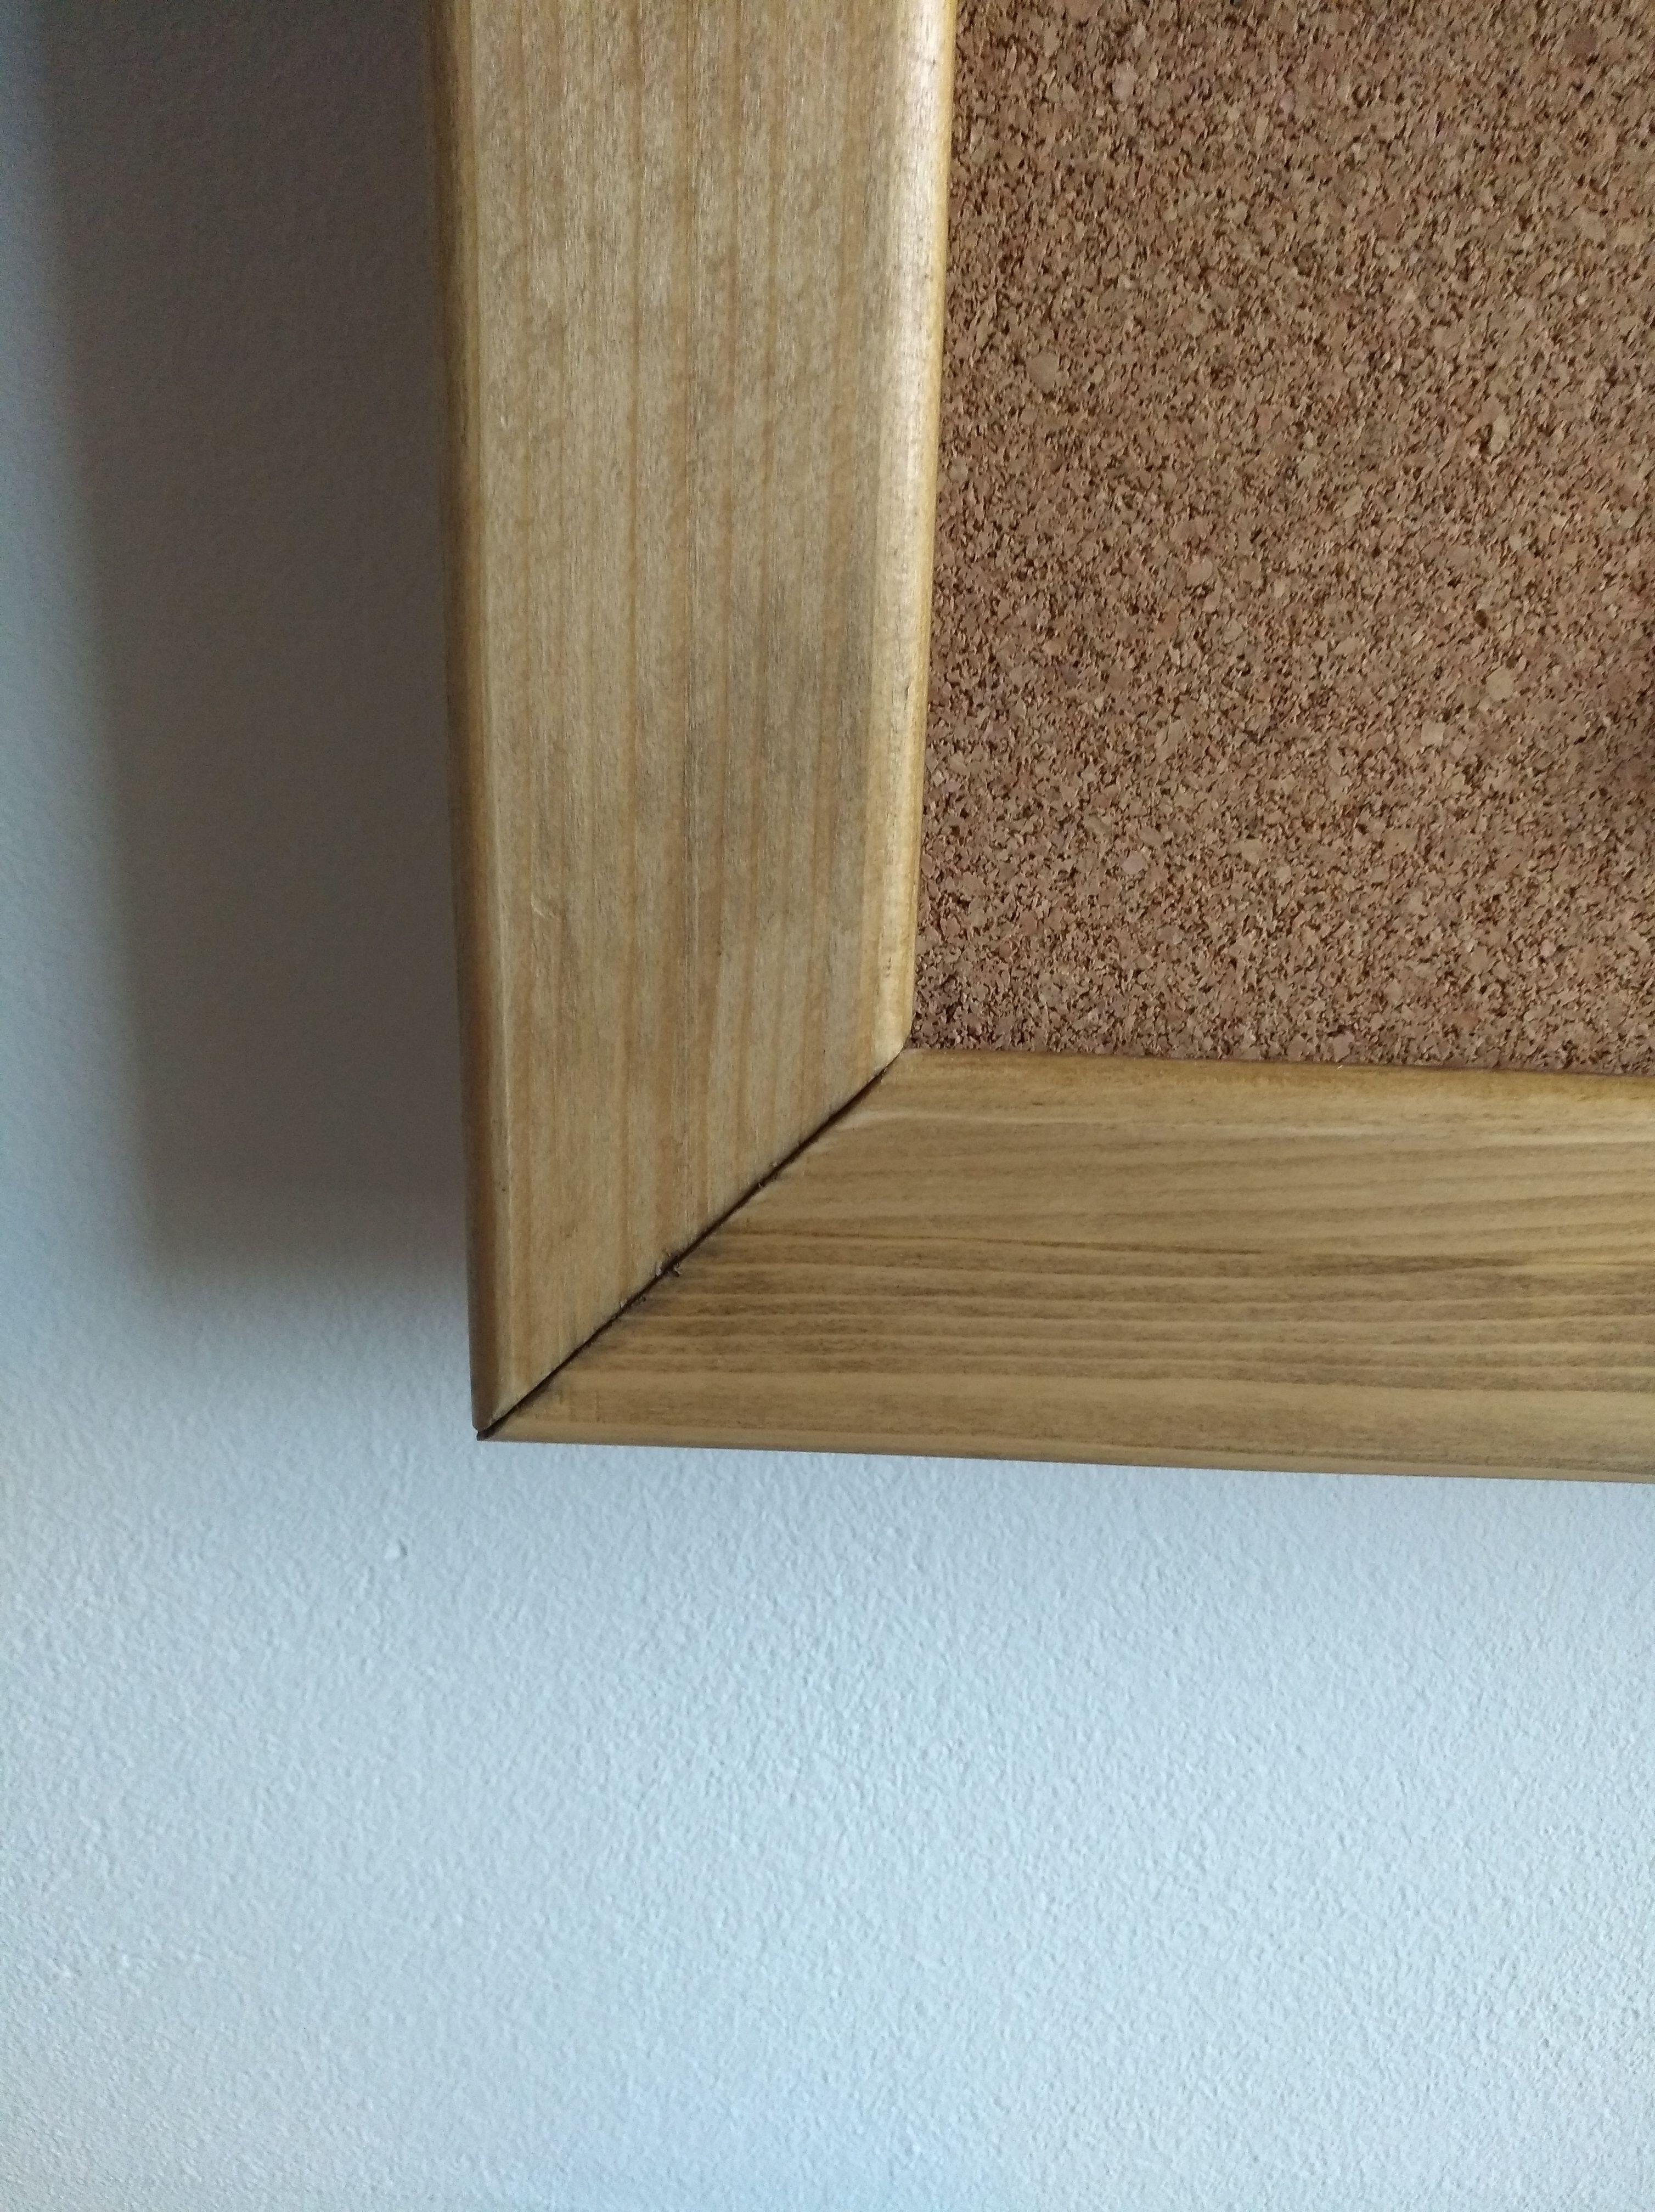 pinnwand, #rahmen die 5x5cm kiefer-profilleiste auf 45° gehrung